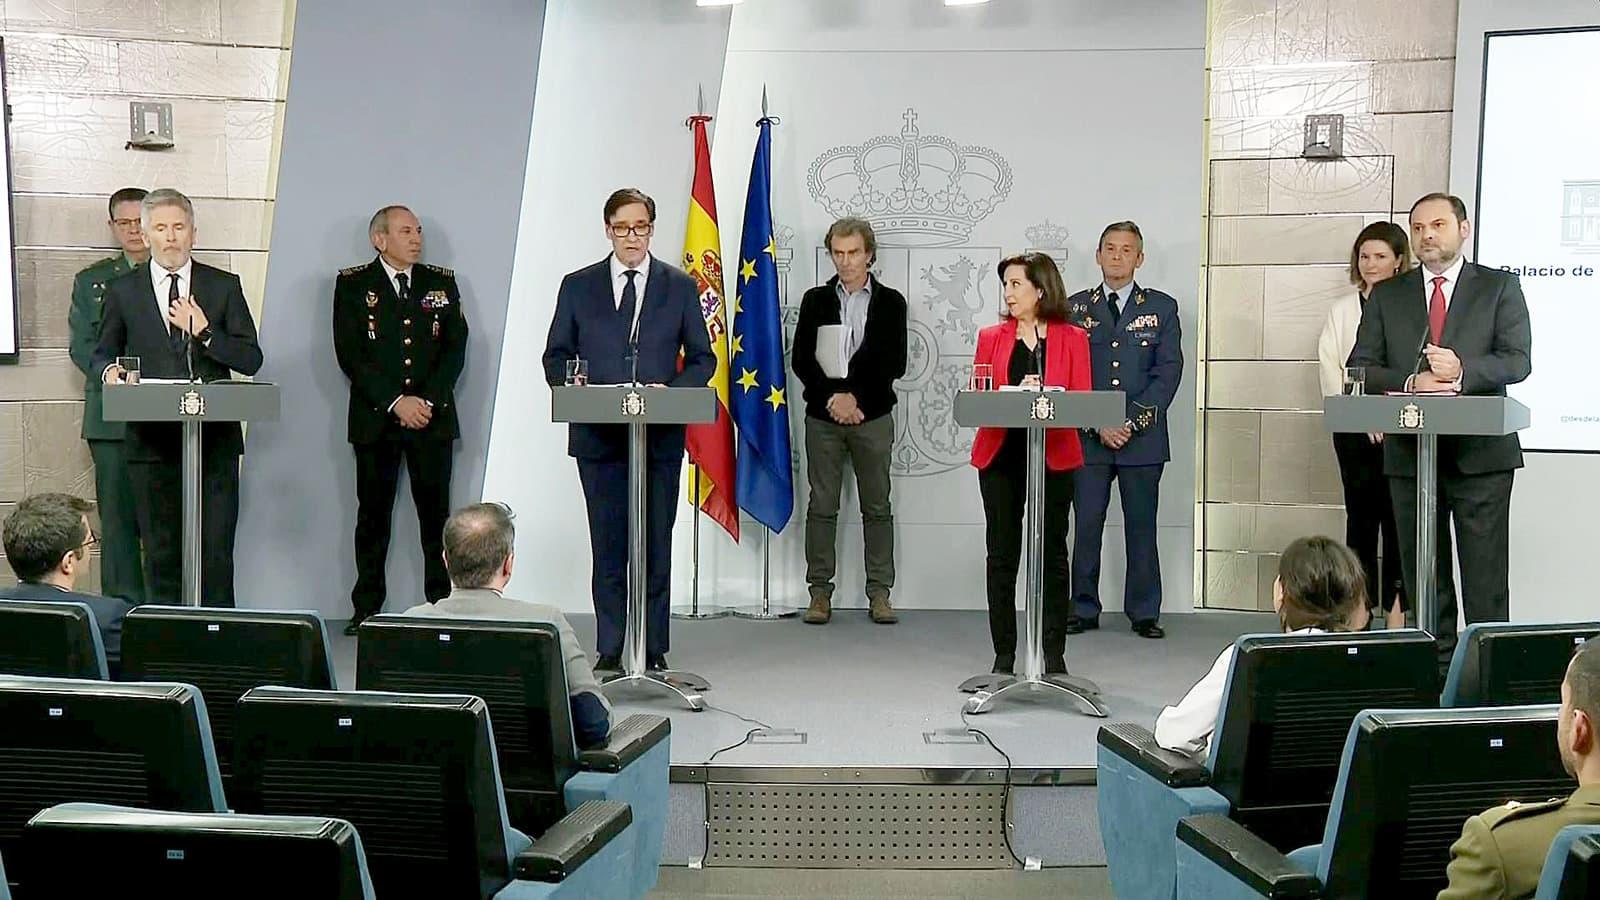 Multitudinària compareixença al Palau de la Moncloa el 15 de març. Fotografia d'Efe